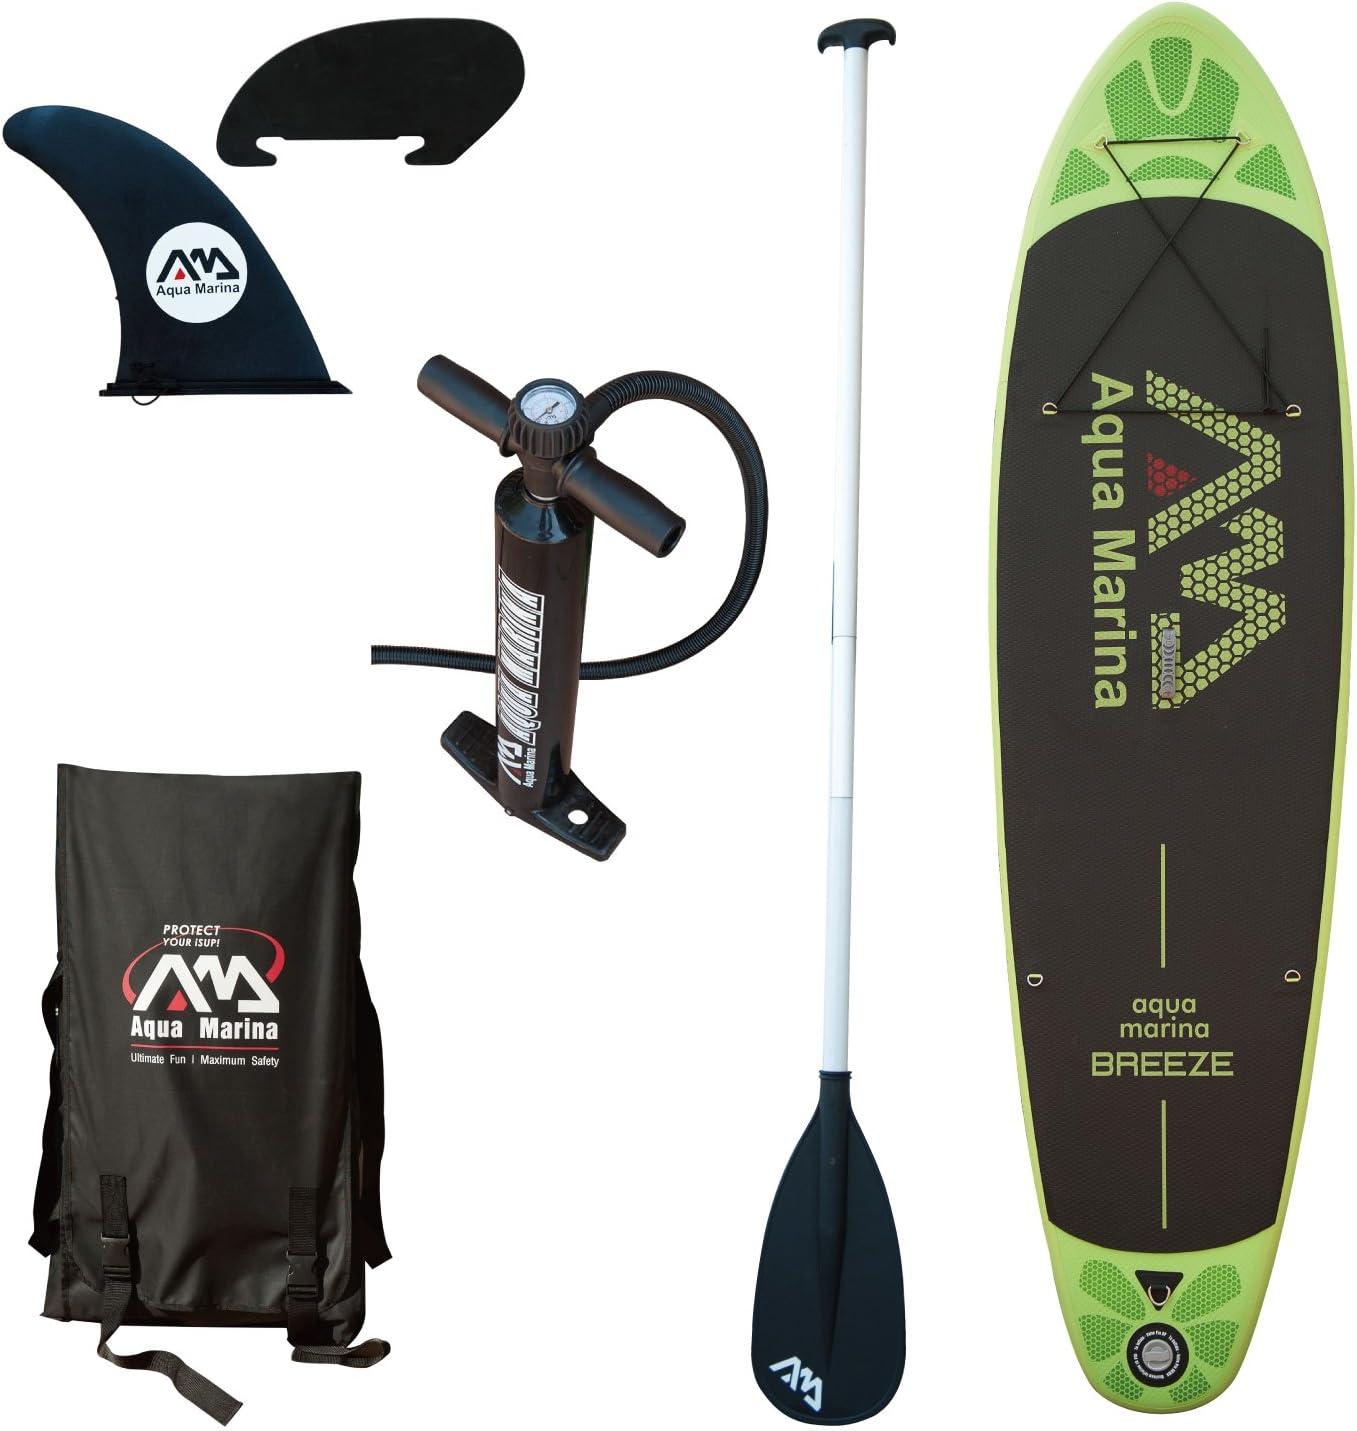 aqua marina paddle board